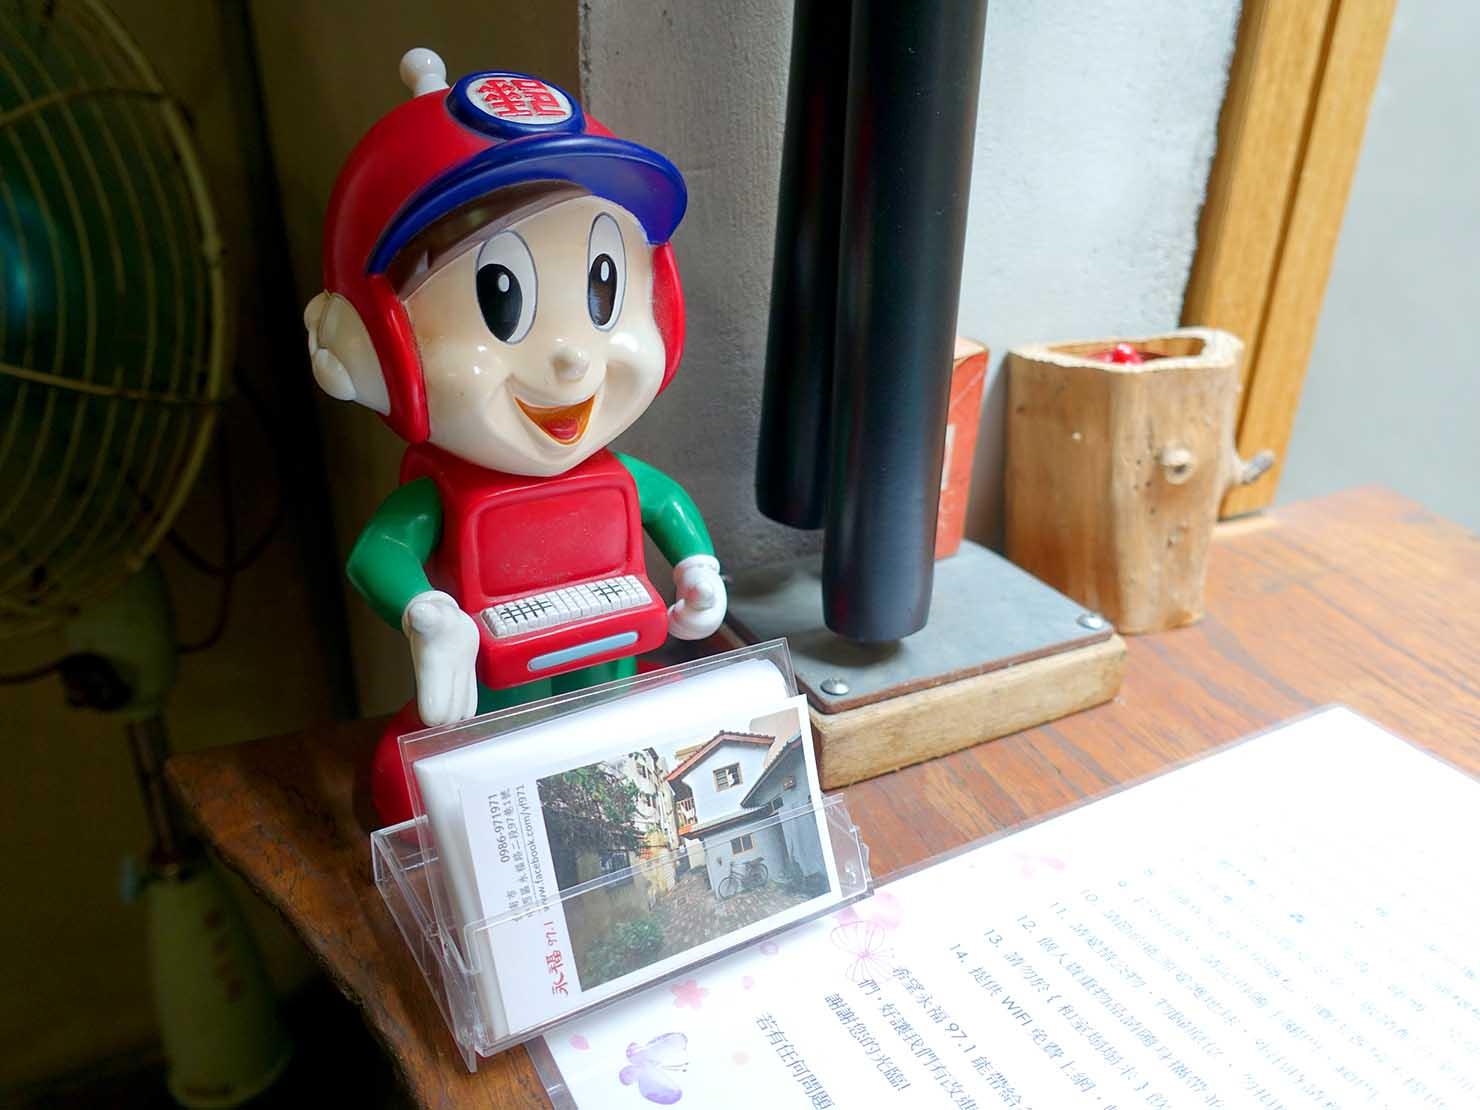 台南のおすすめ古民家ゲストハウス「永福97.1」アティックキャビン1Fに置かれた人形